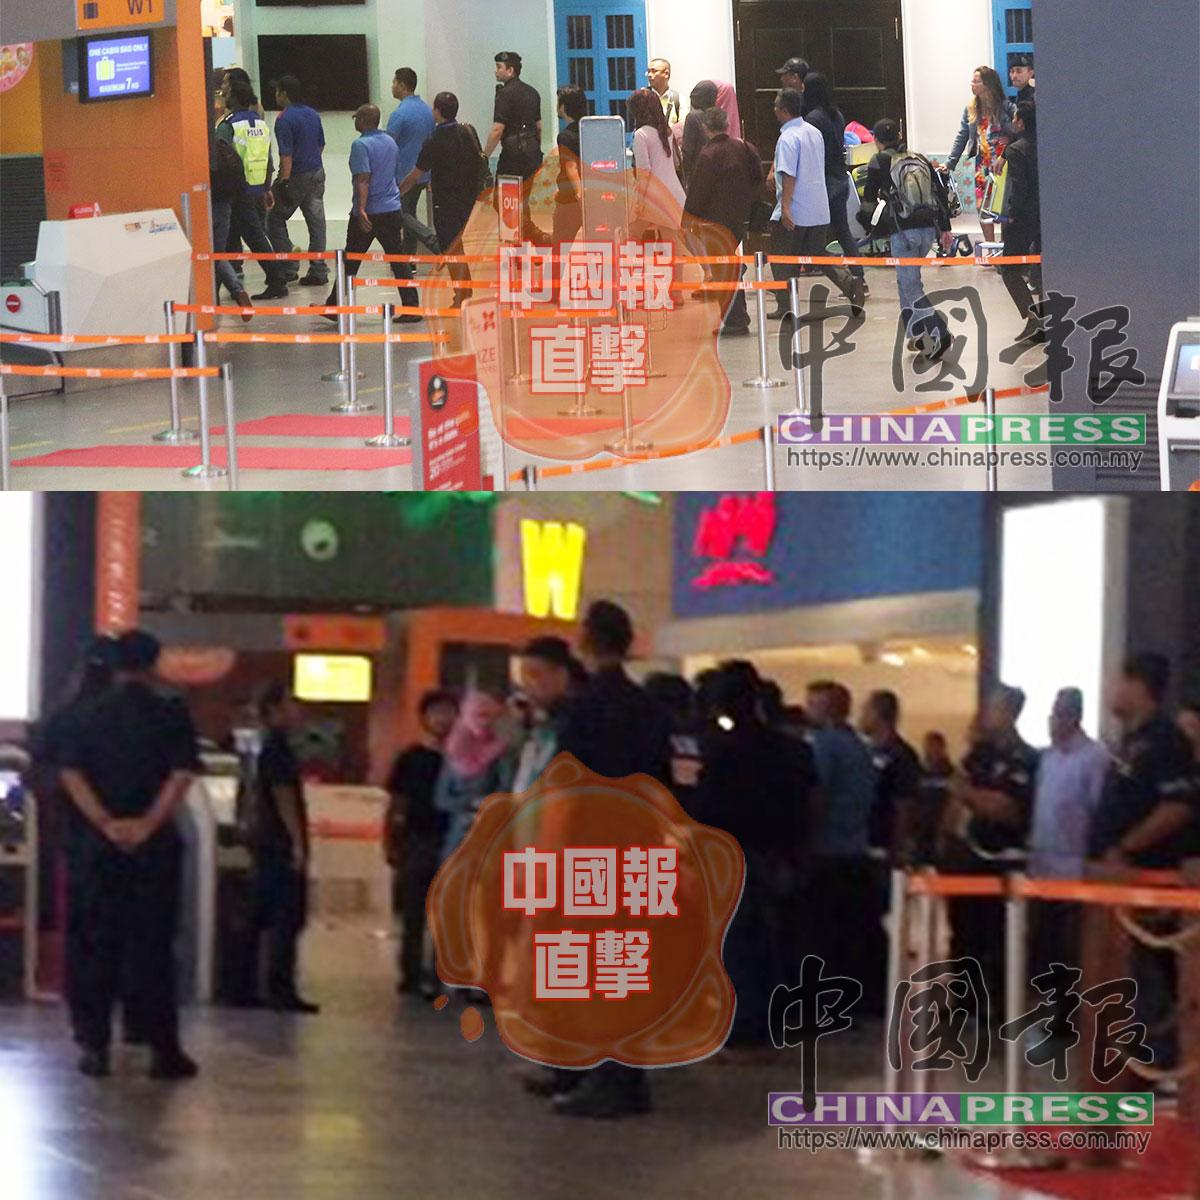 雪州警方押著2名女子重返第二吉隆坡國際機場,《中國報》獨家直擊金正男命案重組過程。圓圈處為其中一名女子。